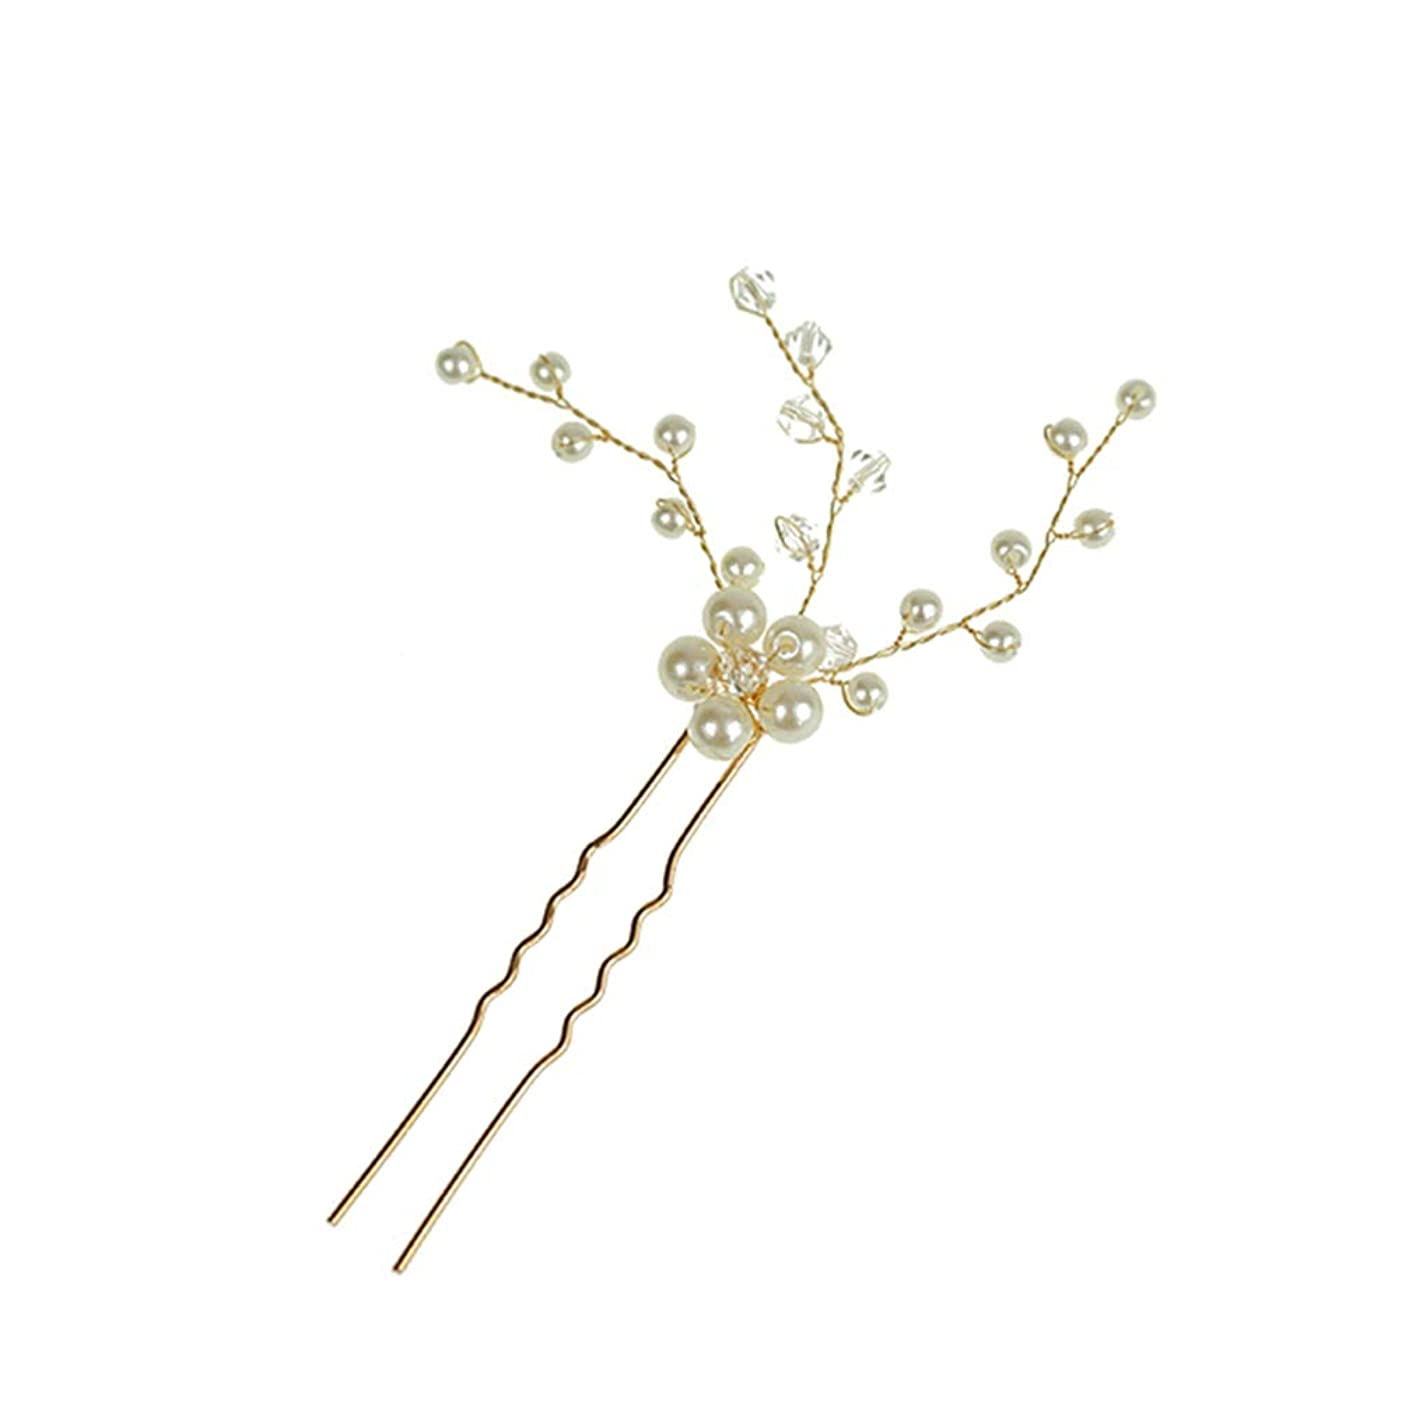 作者実験室生き残りますLURROSE ブライダルクリアパールヘアピンクリップ装飾結婚式の花用女性フラワーヘアピンヘッドドレスブライダルアクセサリー